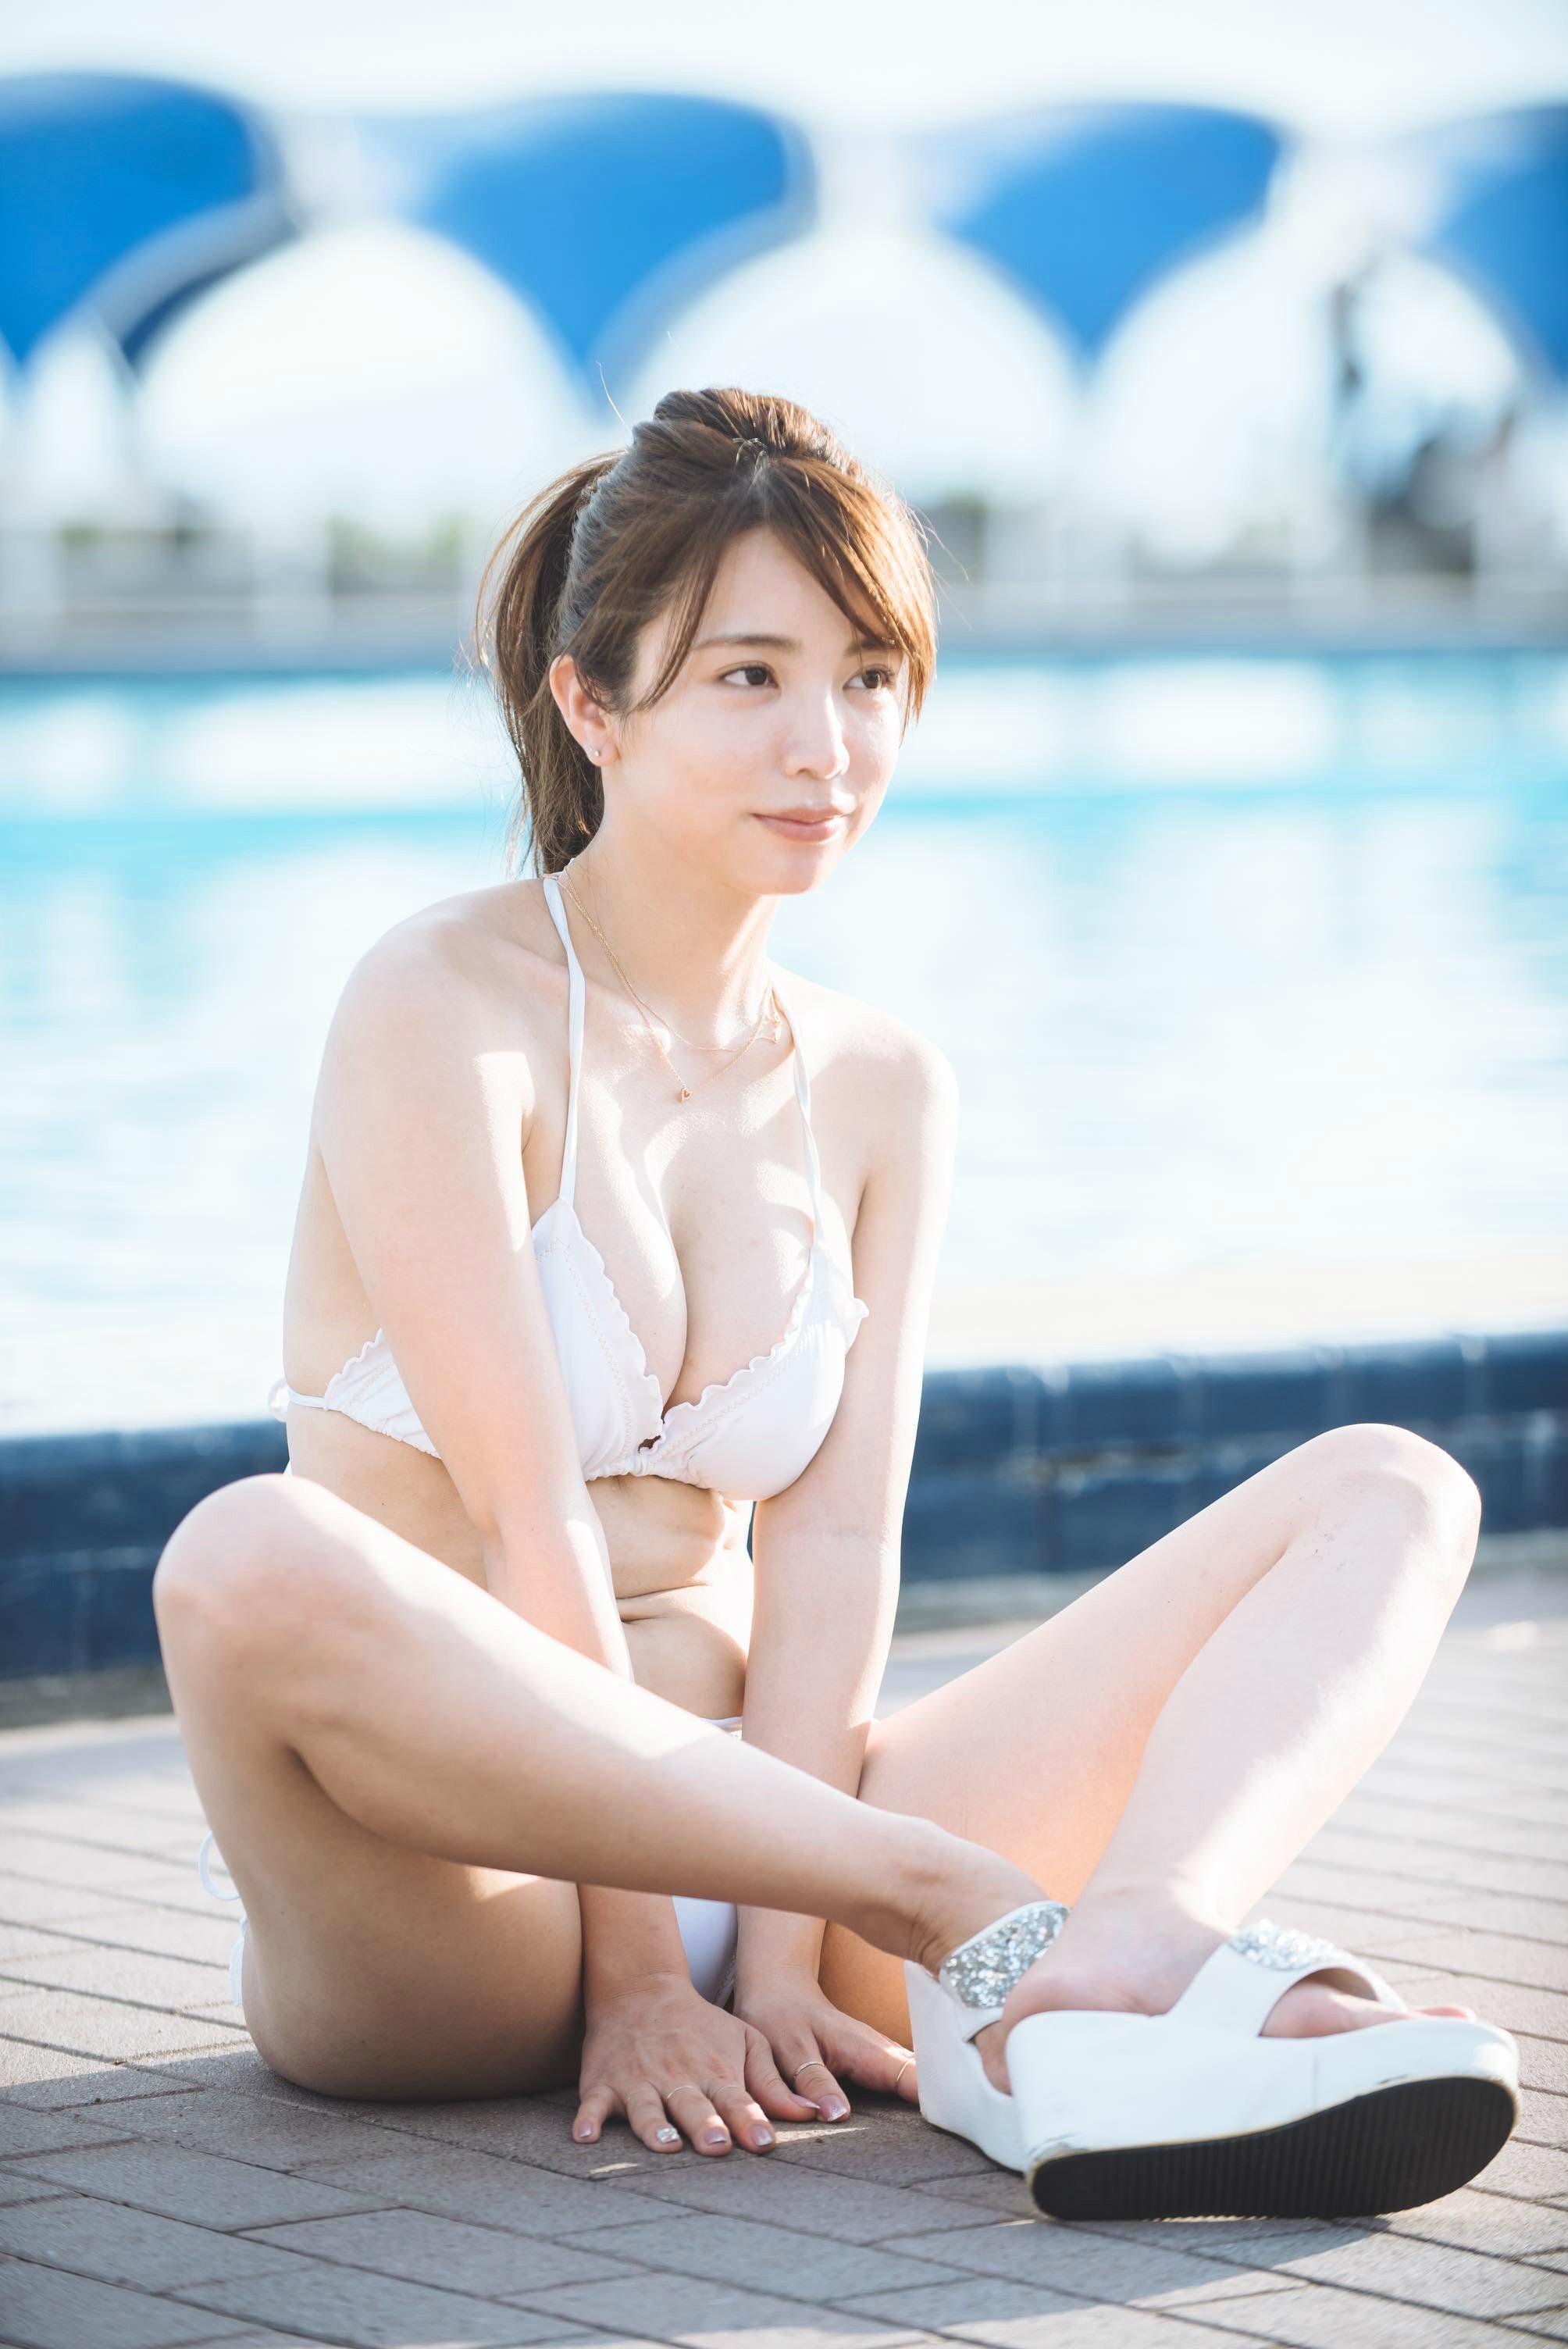 仲村美海、期待の大型新人が見せたフレッシュな白肌!【写真24枚】の画像018